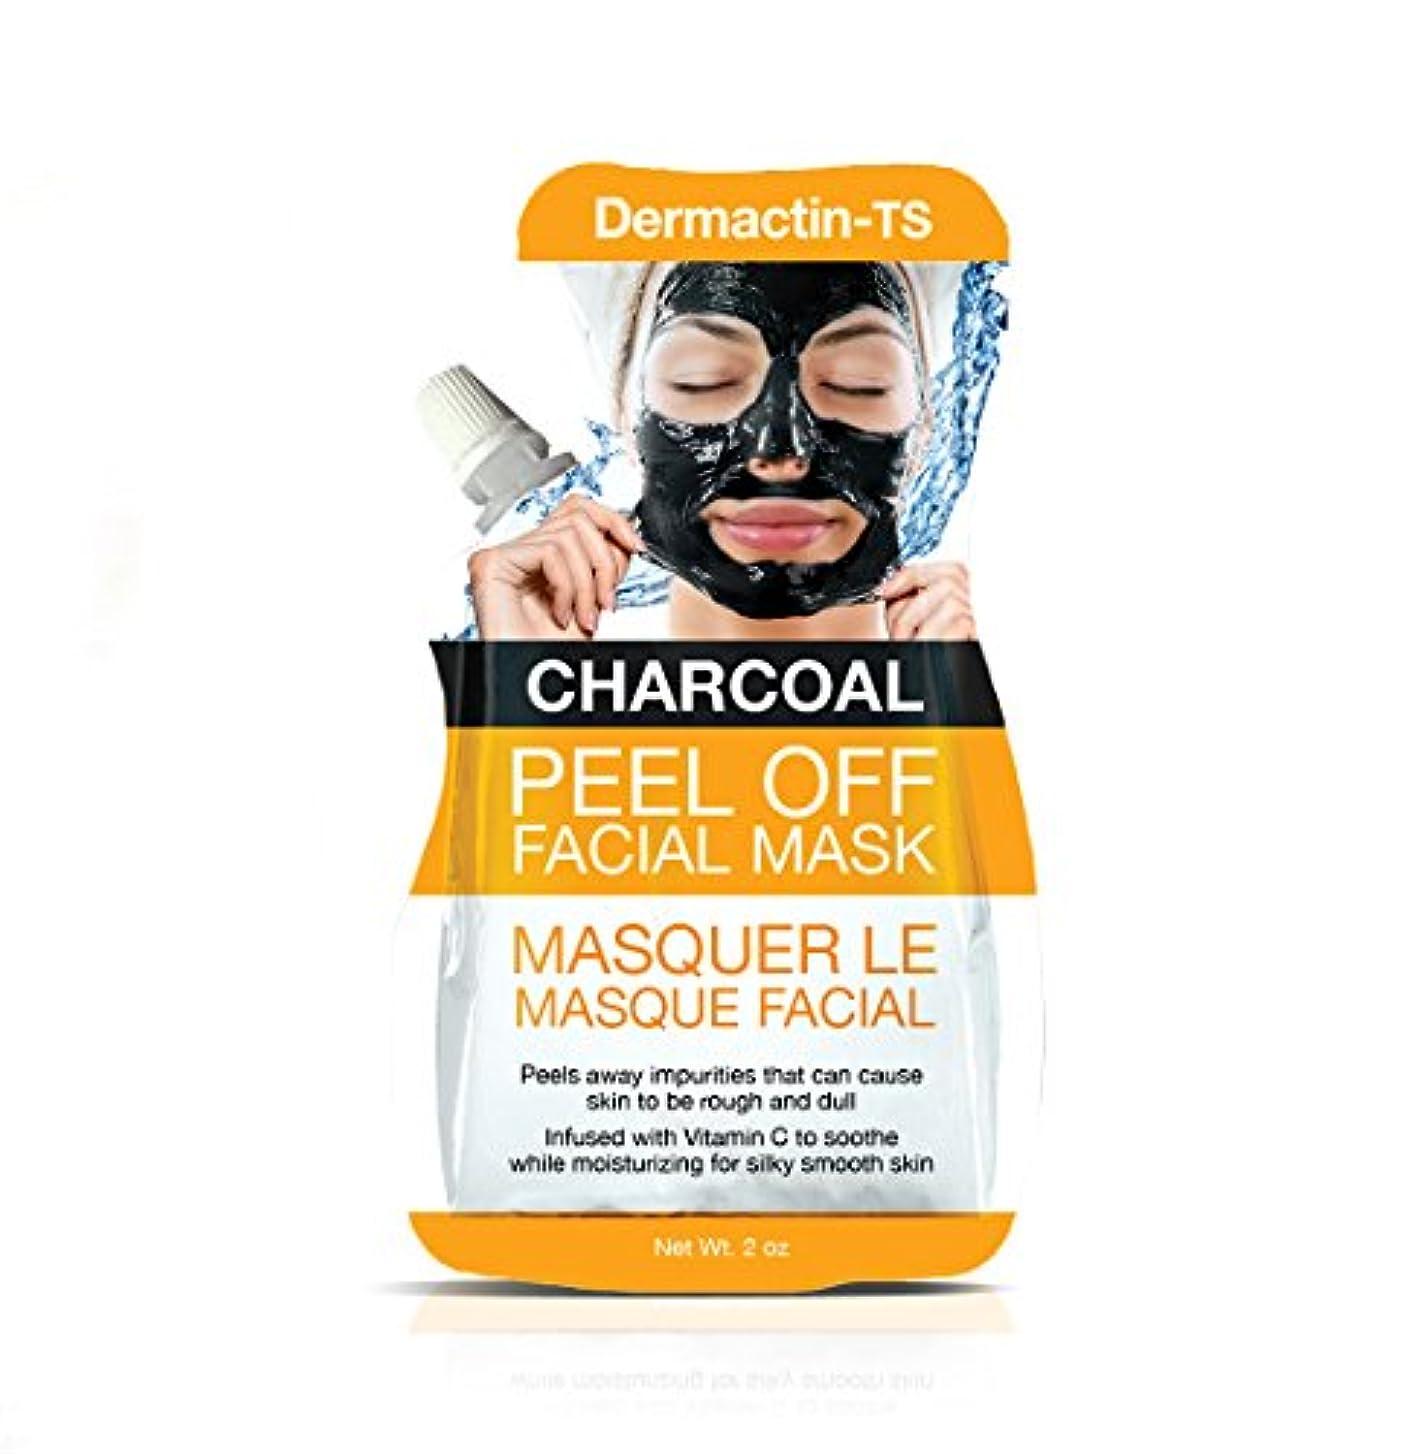 謝罪修理工文明Dermactin-TS フェイシャルマスクを剥がすチャコール50 g (並行輸入品)